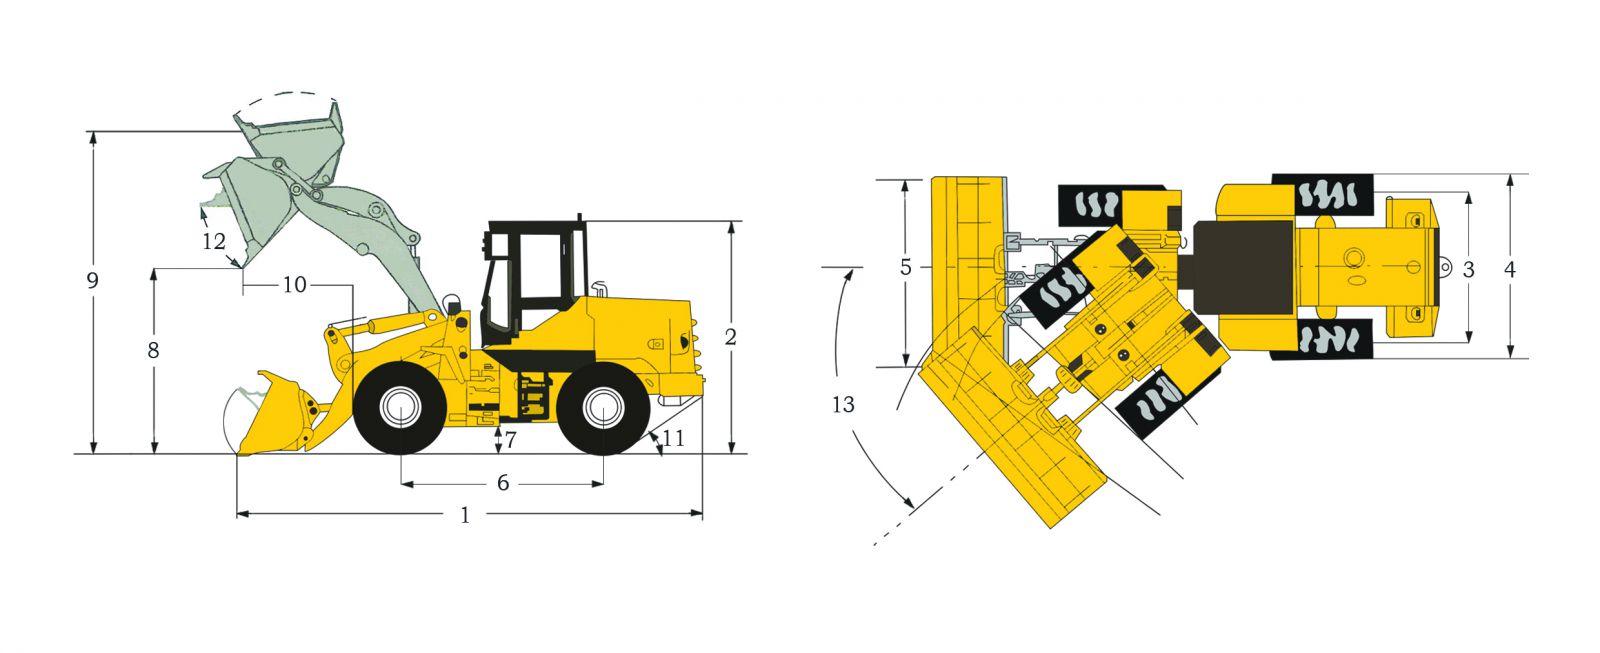 Креслення фронтального навантажувача TEREN 920C | Чертеж фронтального погрузчика TEREN 920C